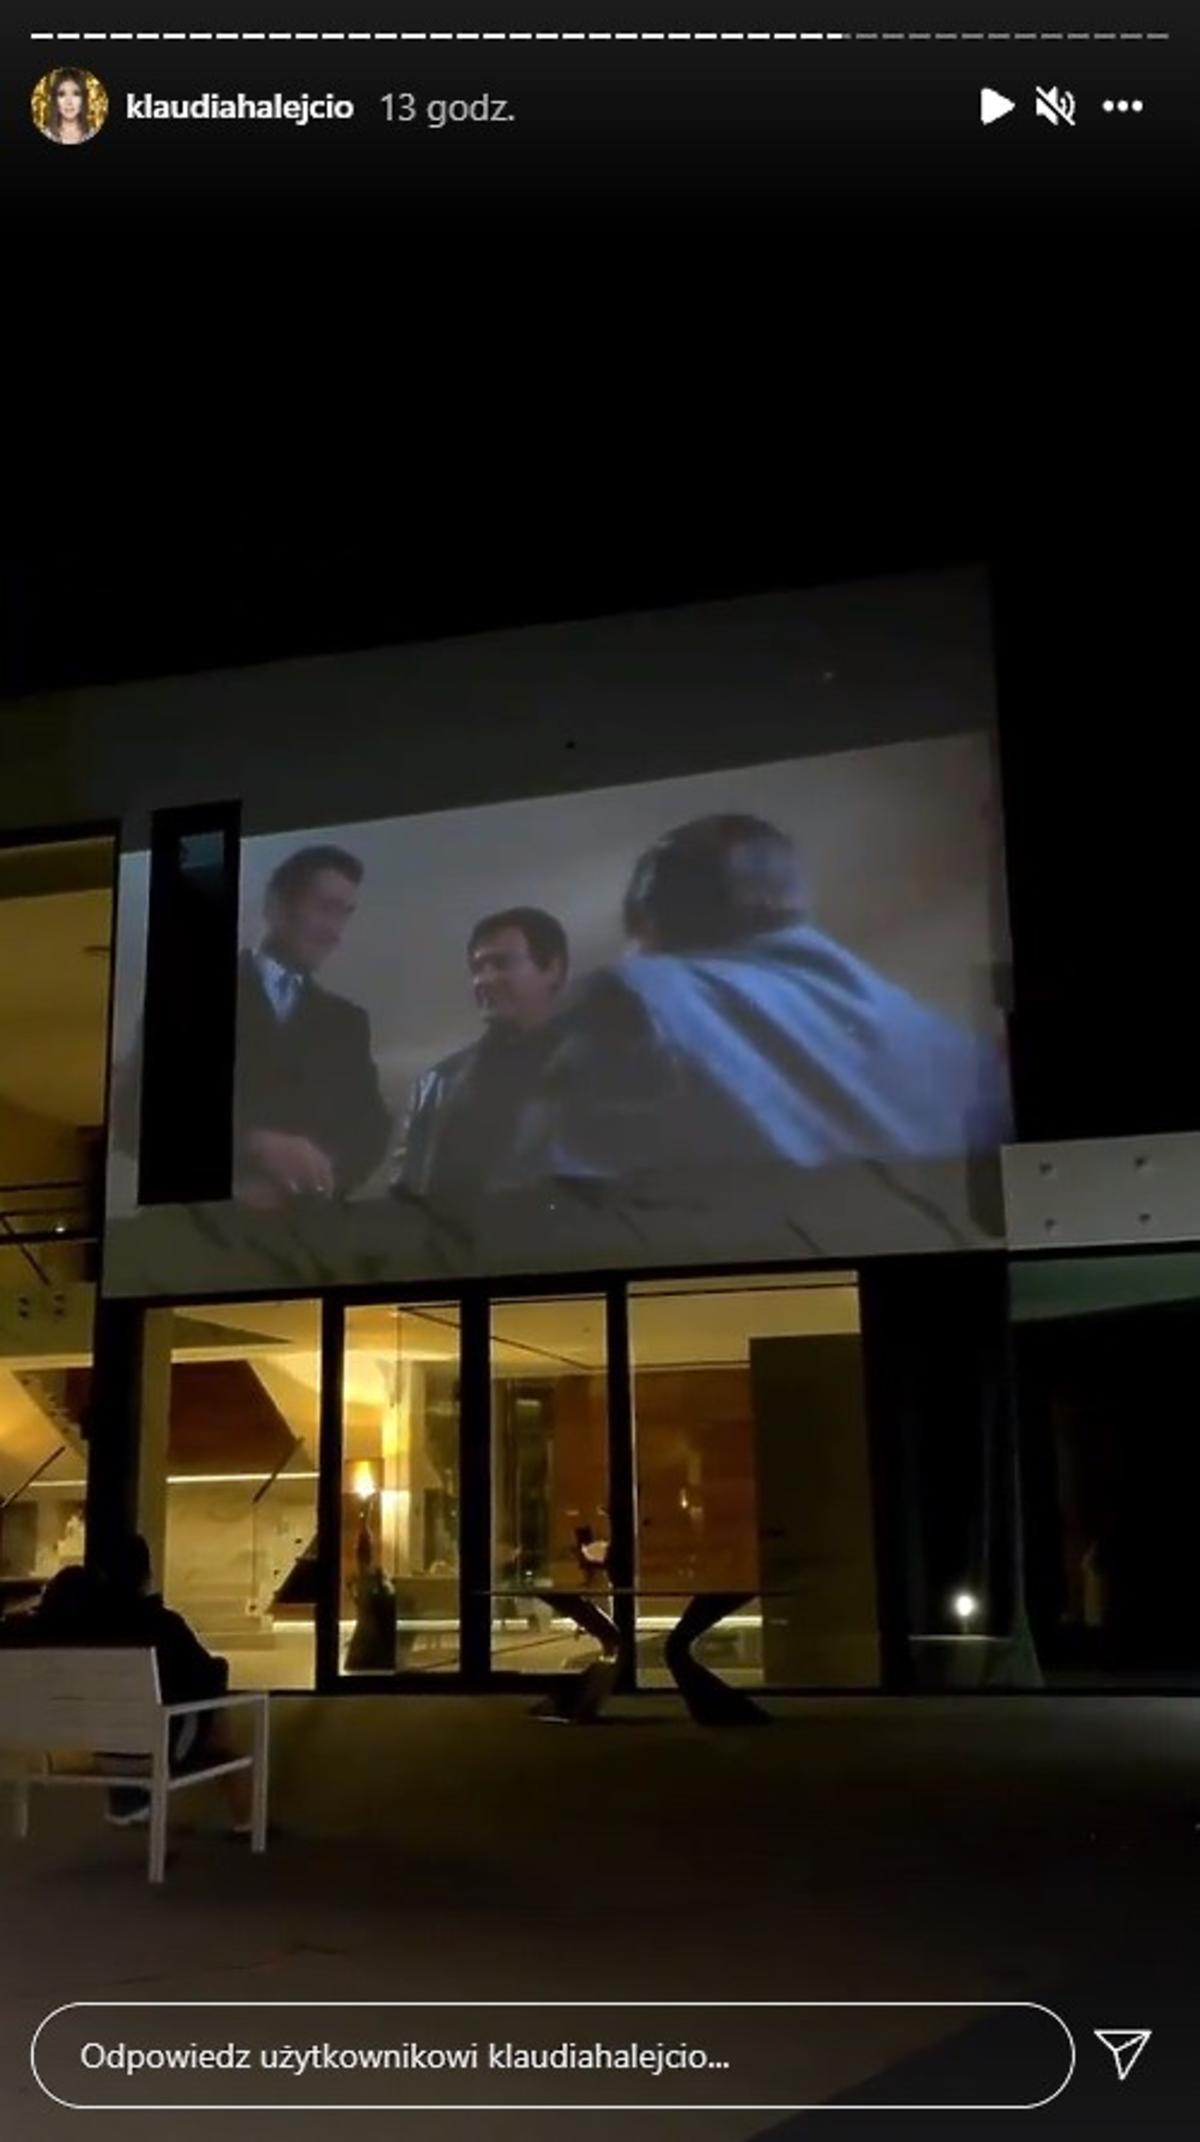 Klaudia Halejcio pokazała kino w domu